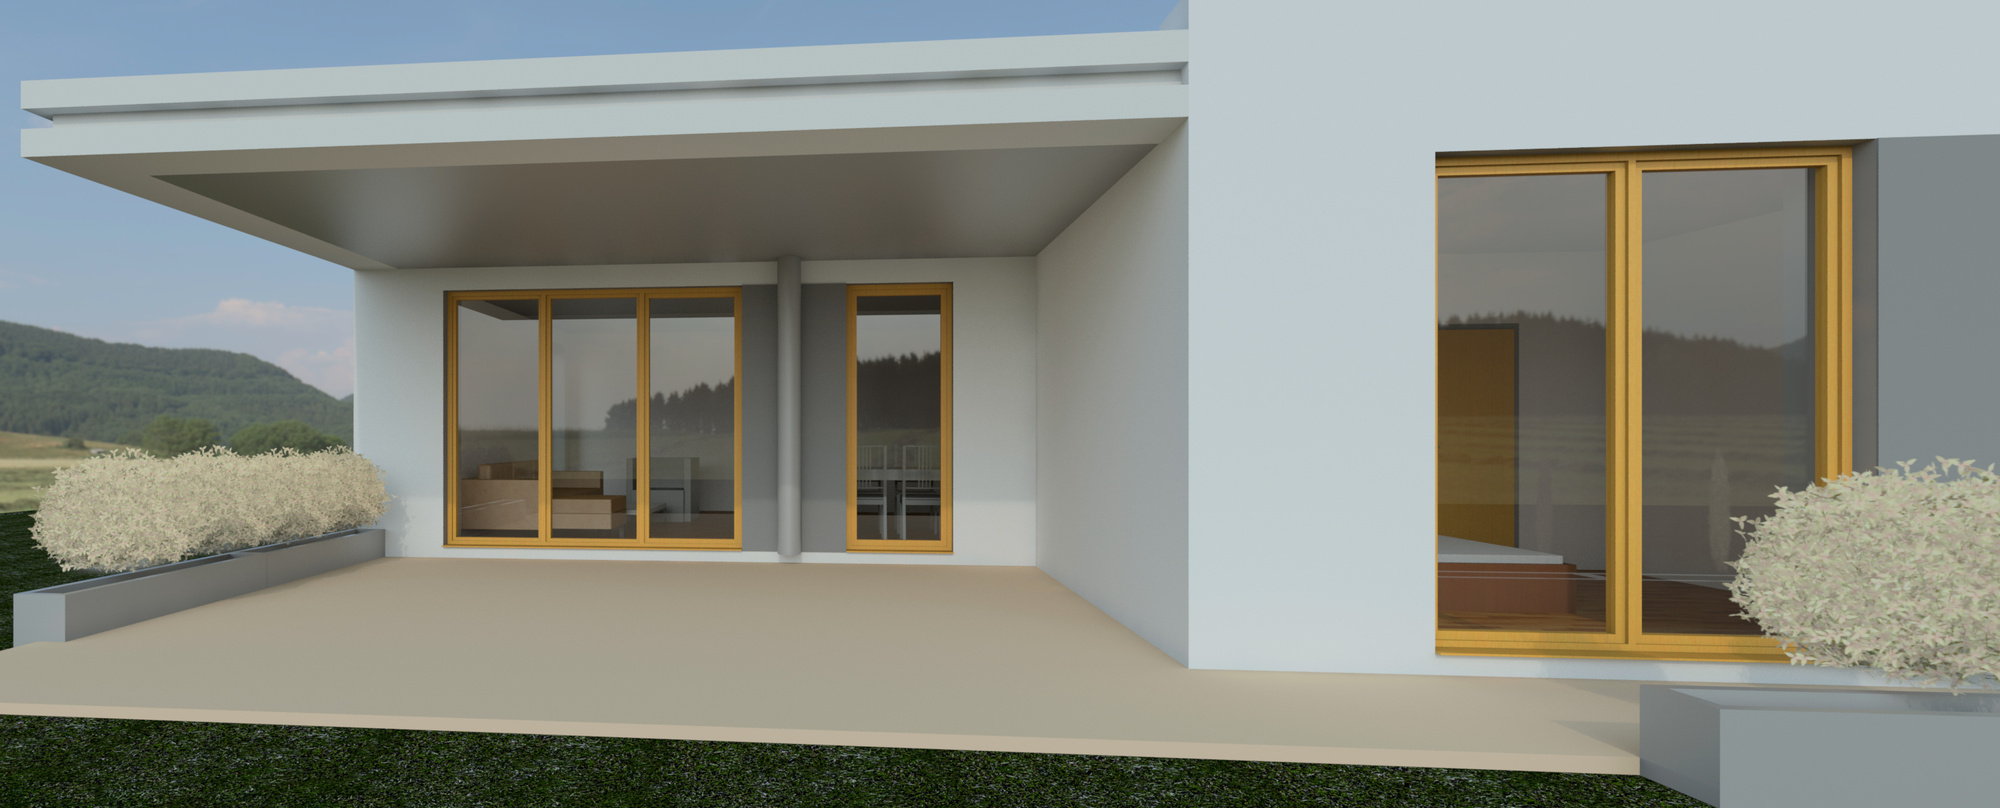 Raas-rendering20150516-29256-19ypyzo